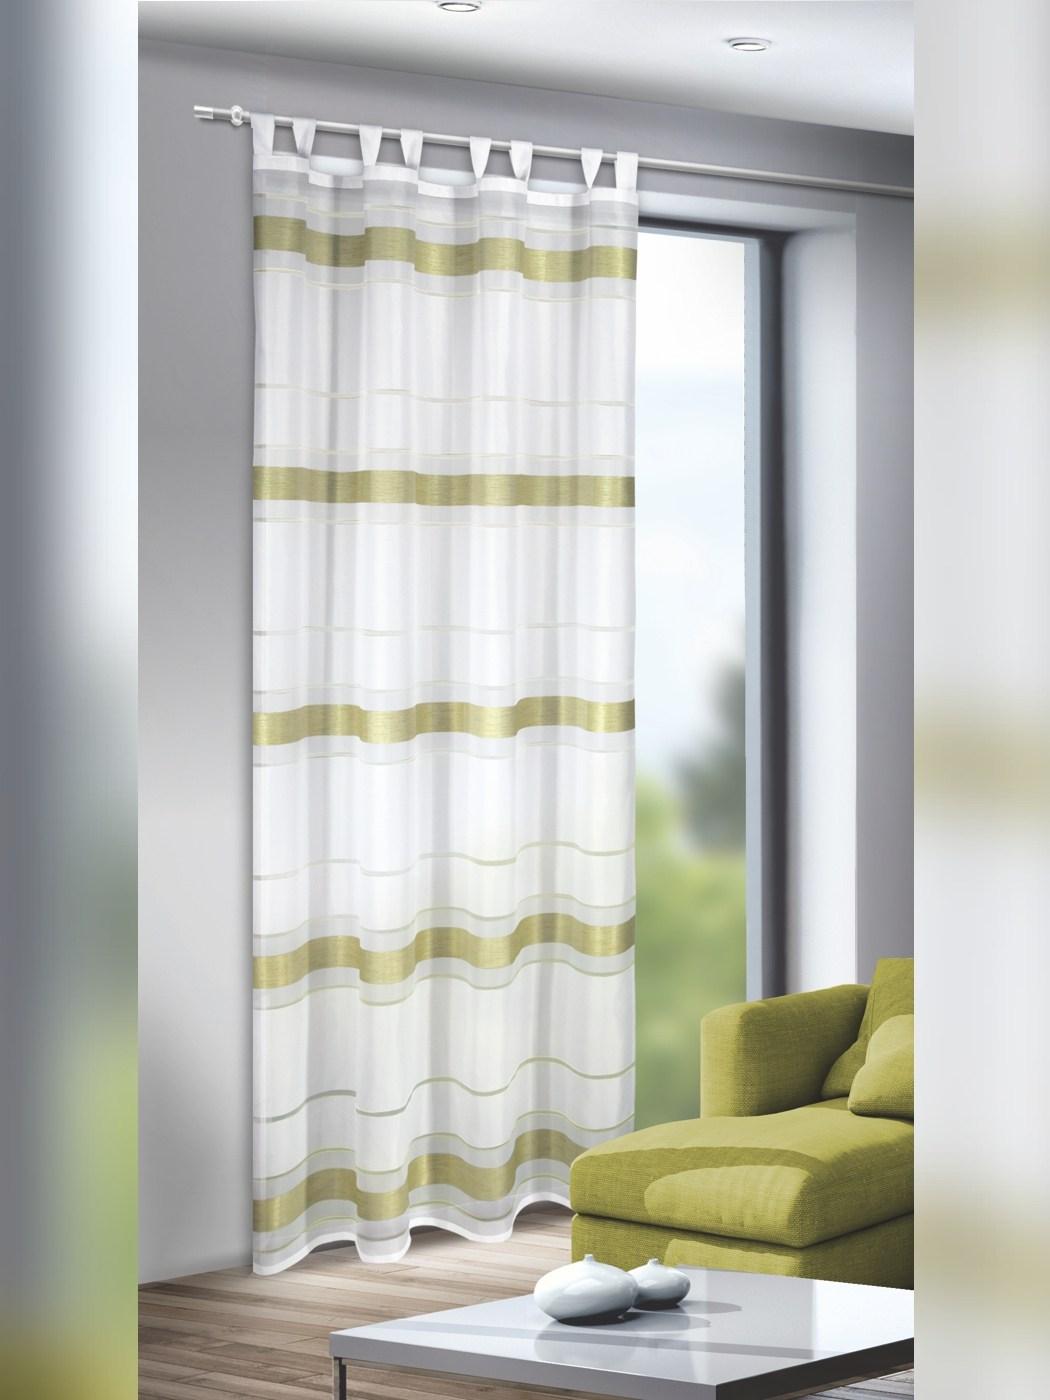 Full Size of Shabby Gardinen Kche Vorhnge Fensterdekoration Ikea Outdoor Gebrauchte Einbauküche U Form Küche Granitplatten Kosten Türkis Beistelltisch Rückwand Glas Wohnzimmer Gardinen Küche Ikea